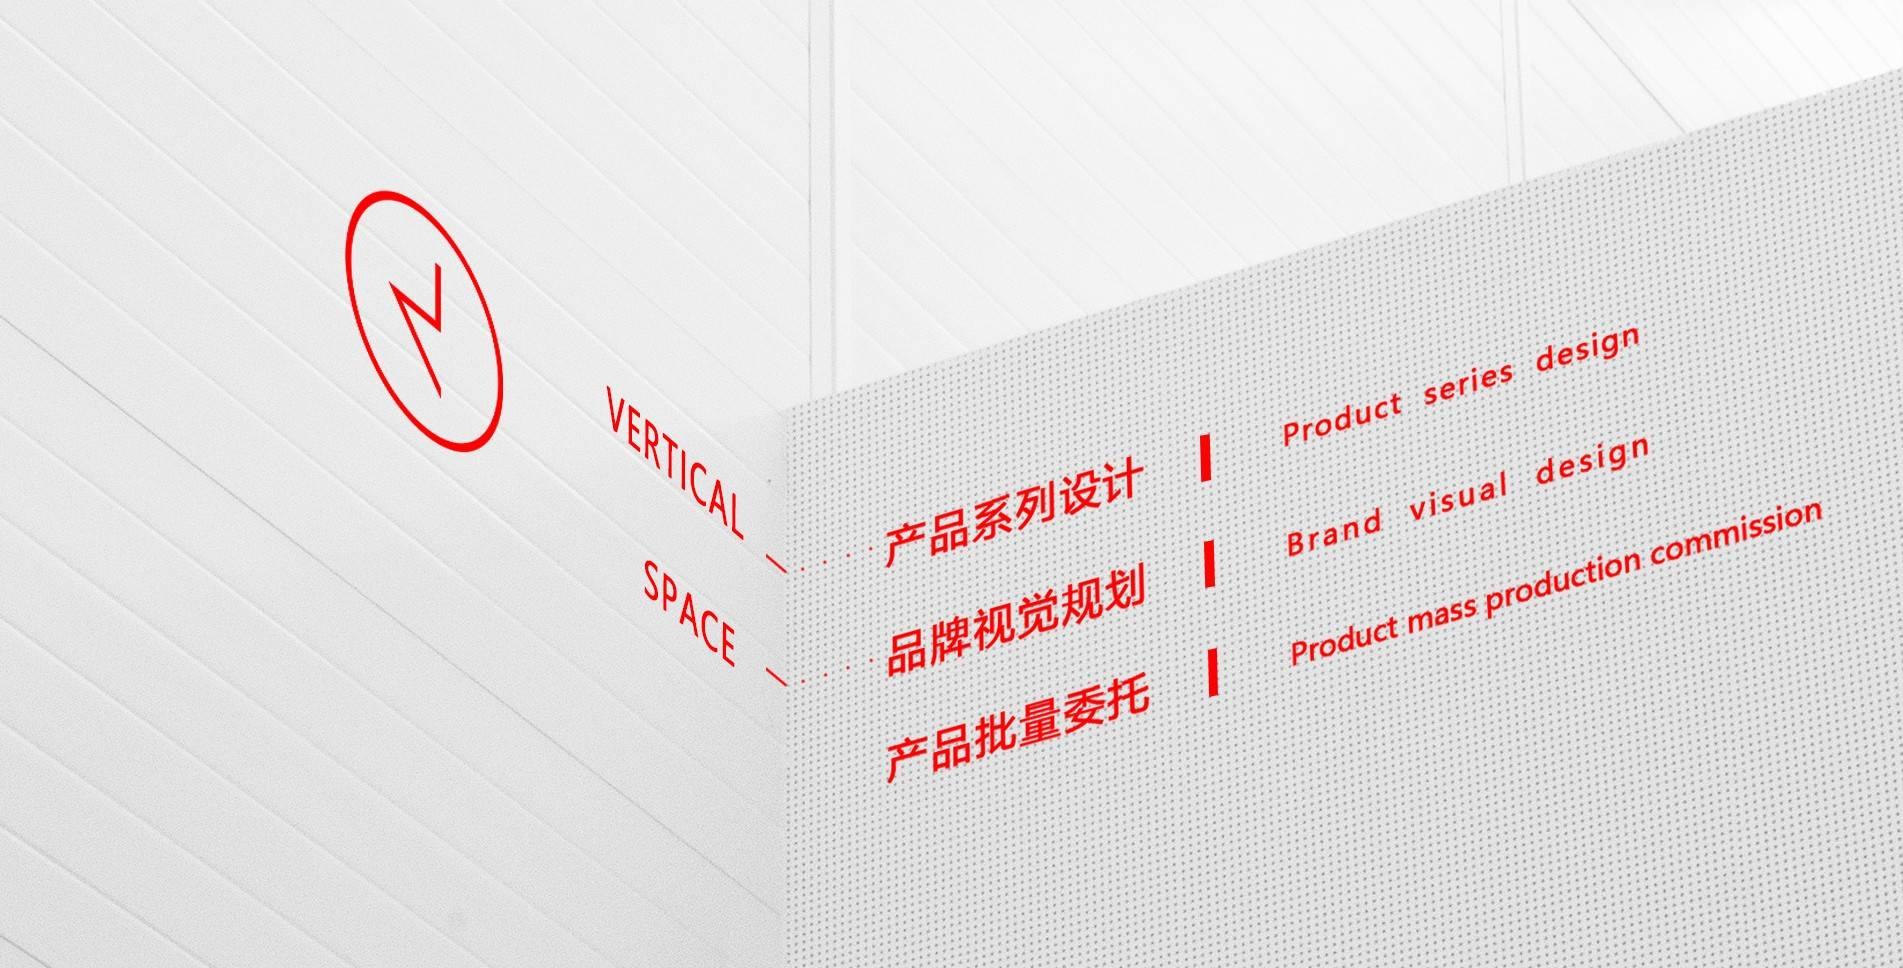 垂直空間產品設計